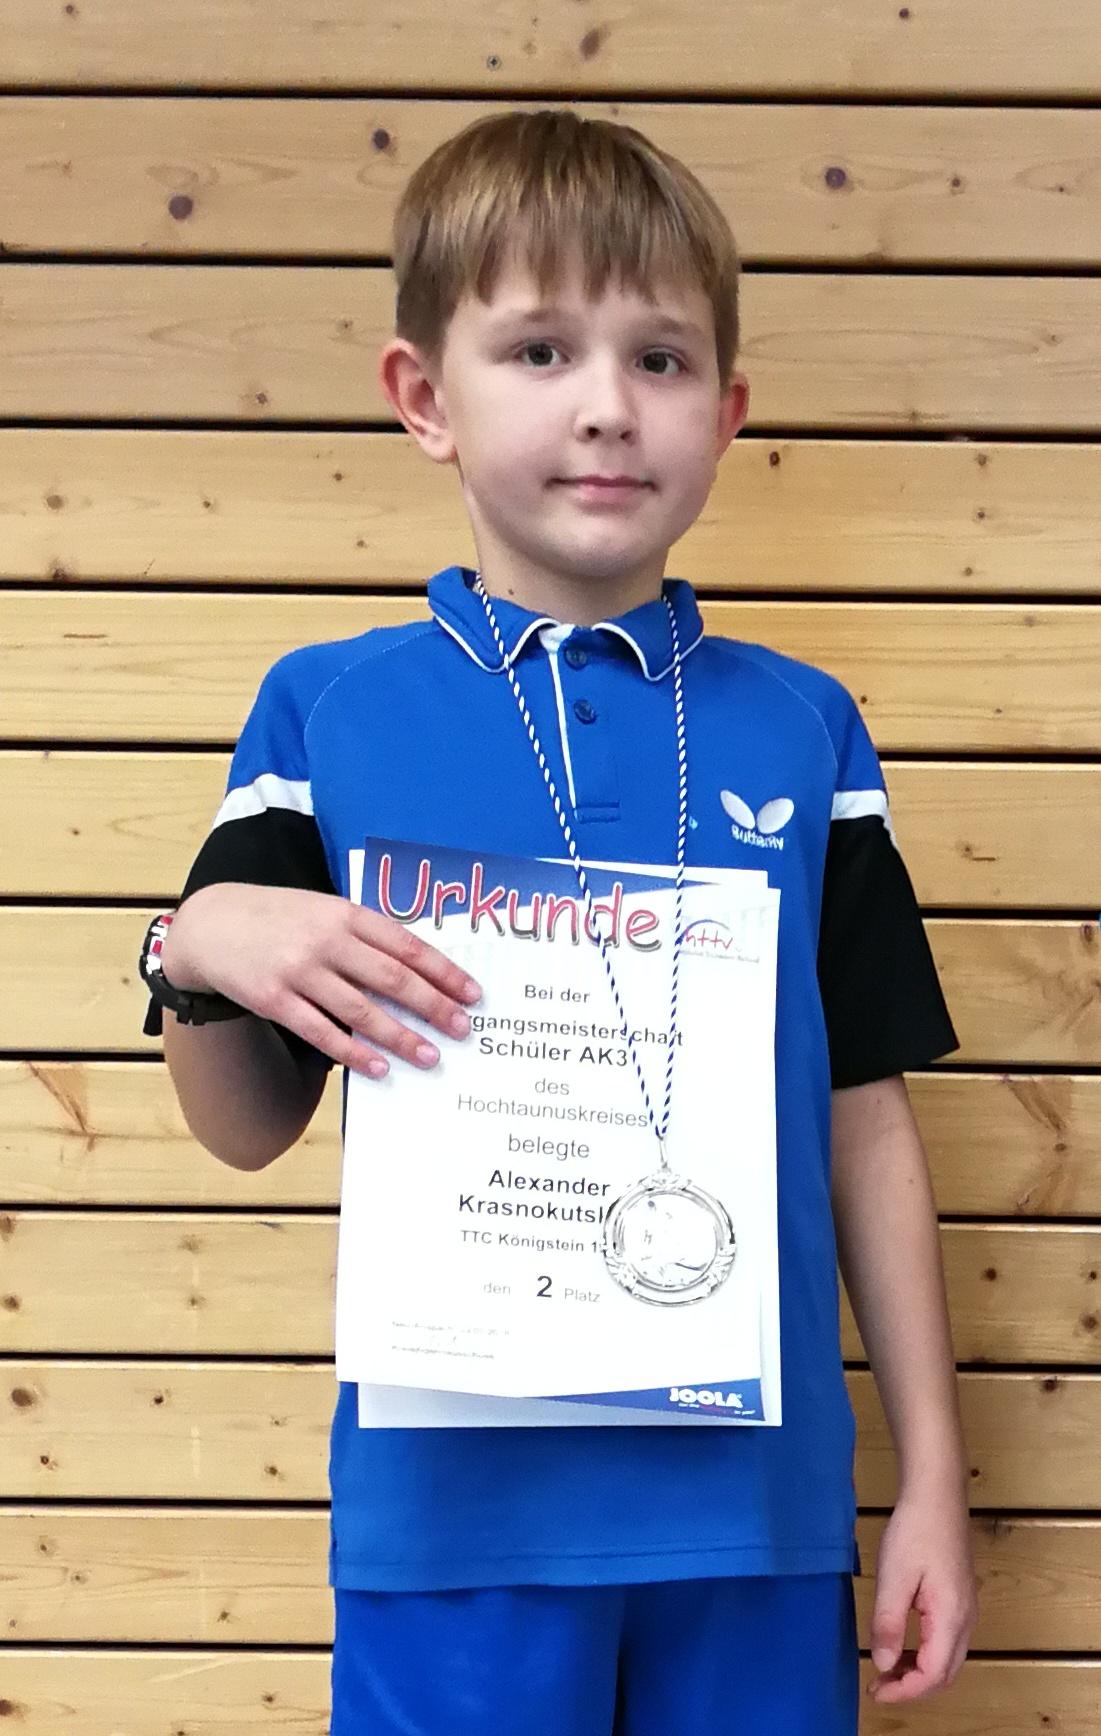 gewann Silber in der Altersklasse 3 - Nachwuchsspieler Alexander Krasnokutskiy